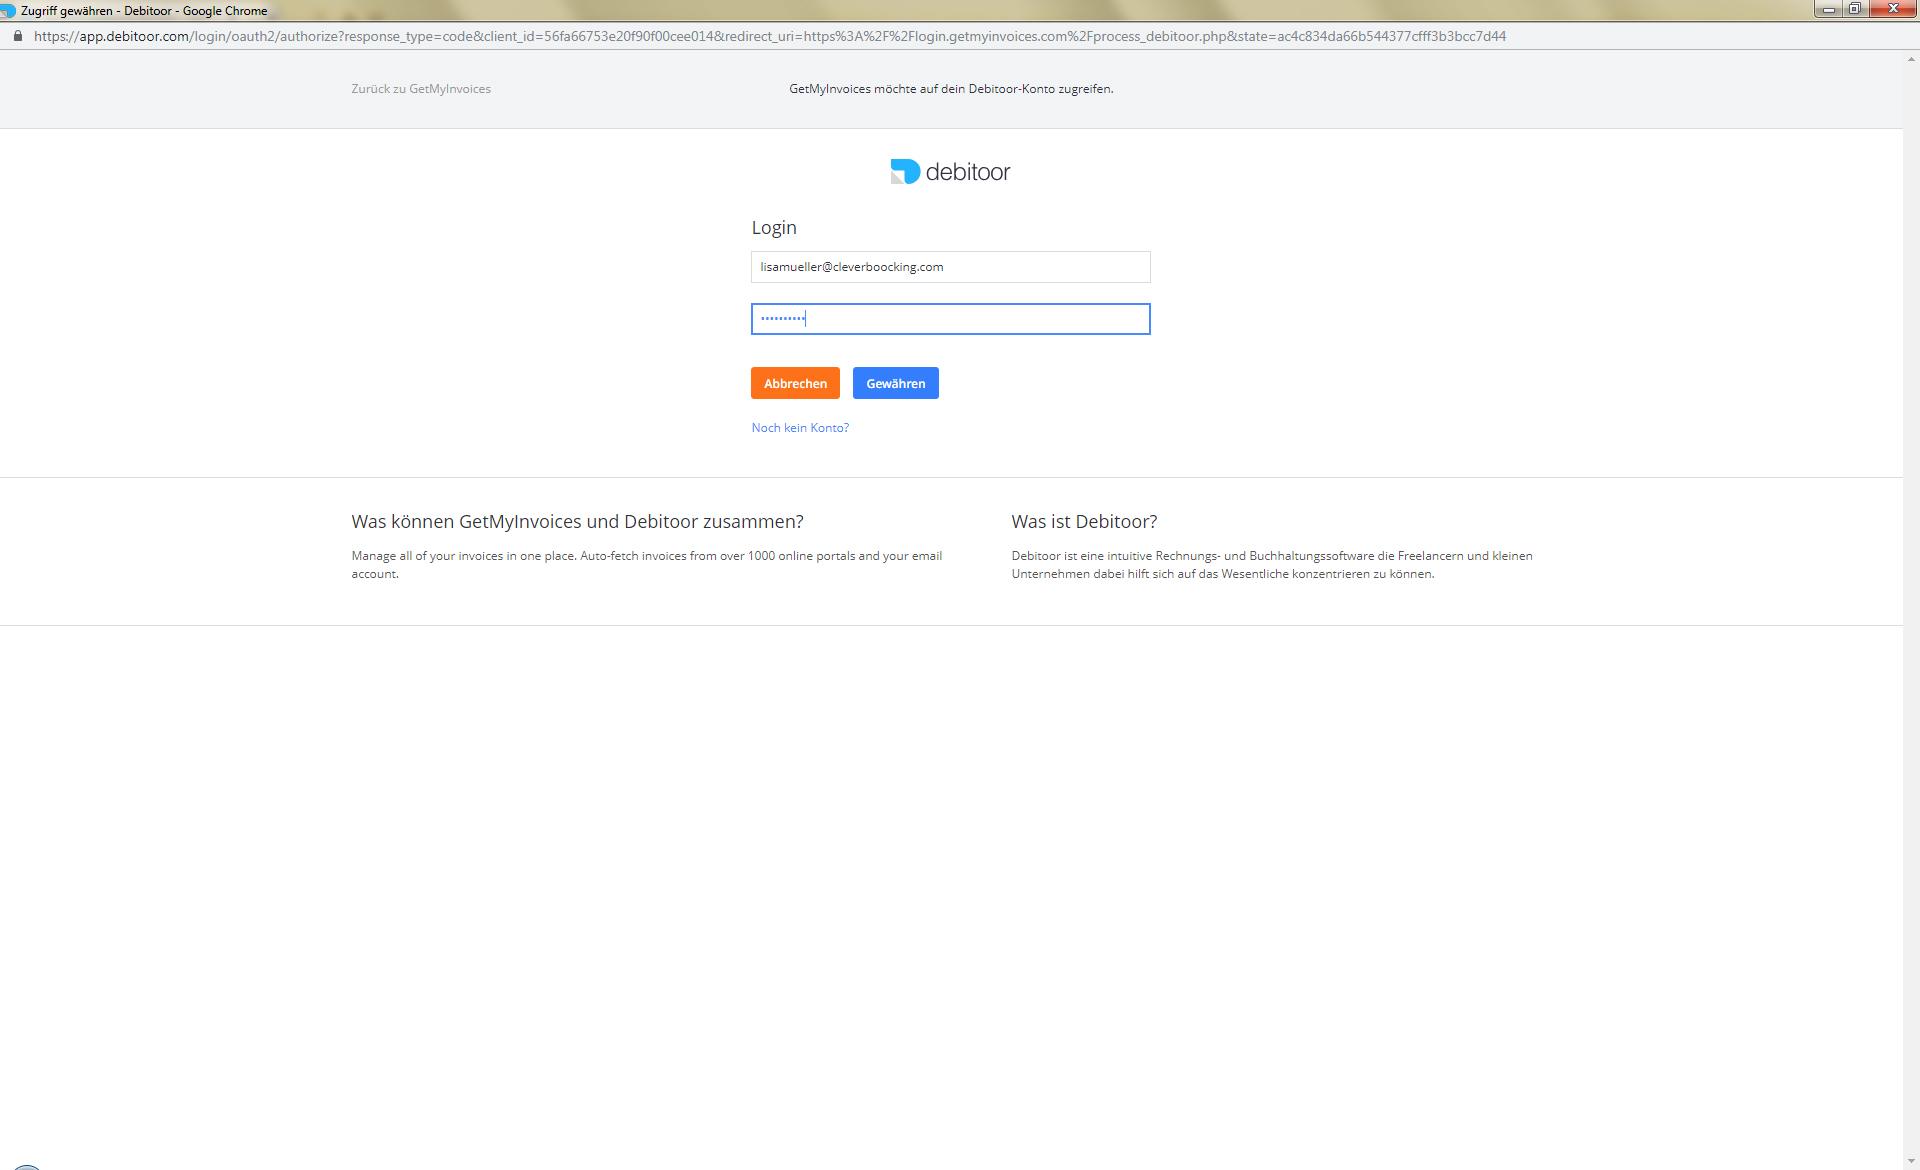 3. Dokumentenexport: GetMyInvoices mit Debitoor verknüpfen